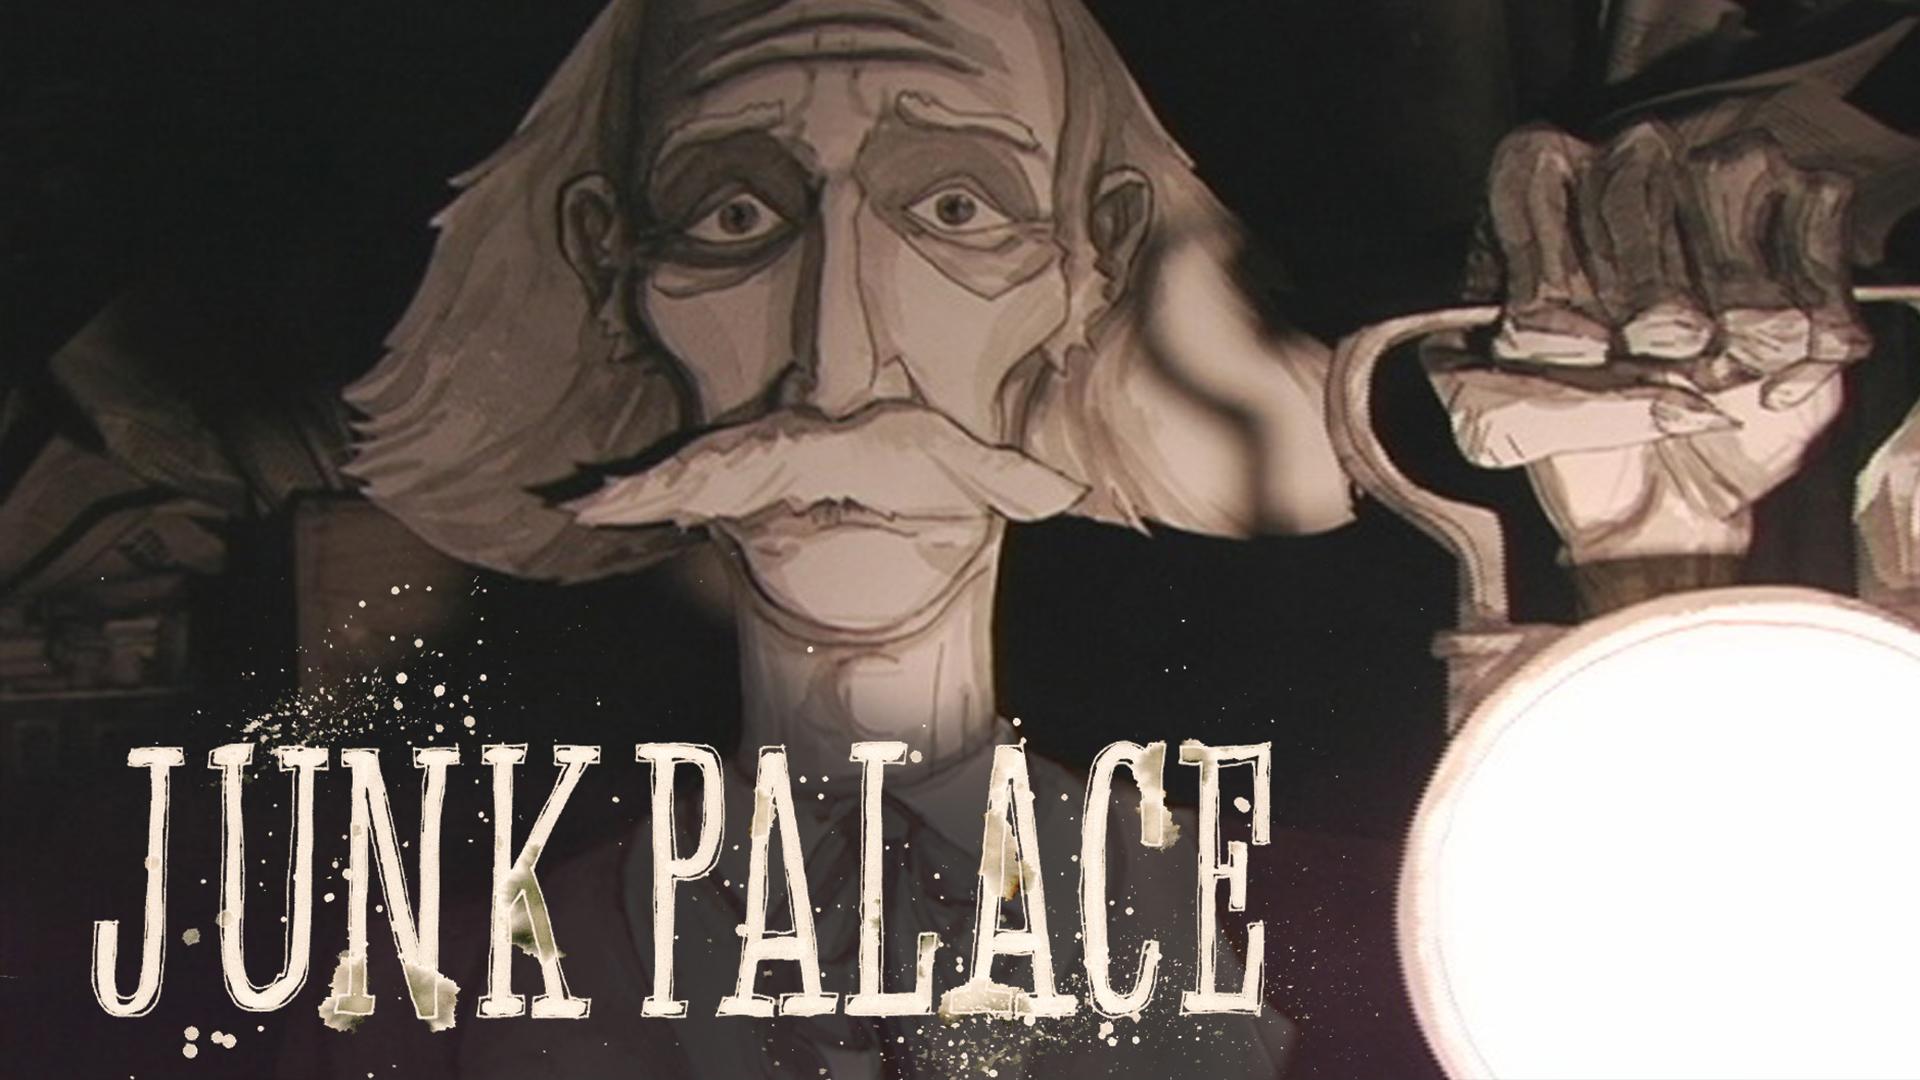 Junk Palace